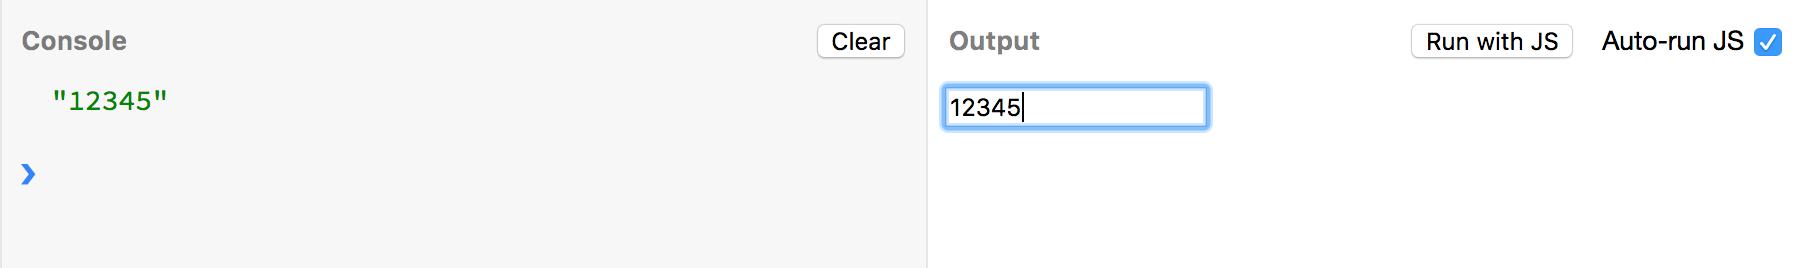 快速输入12345得到一条数据